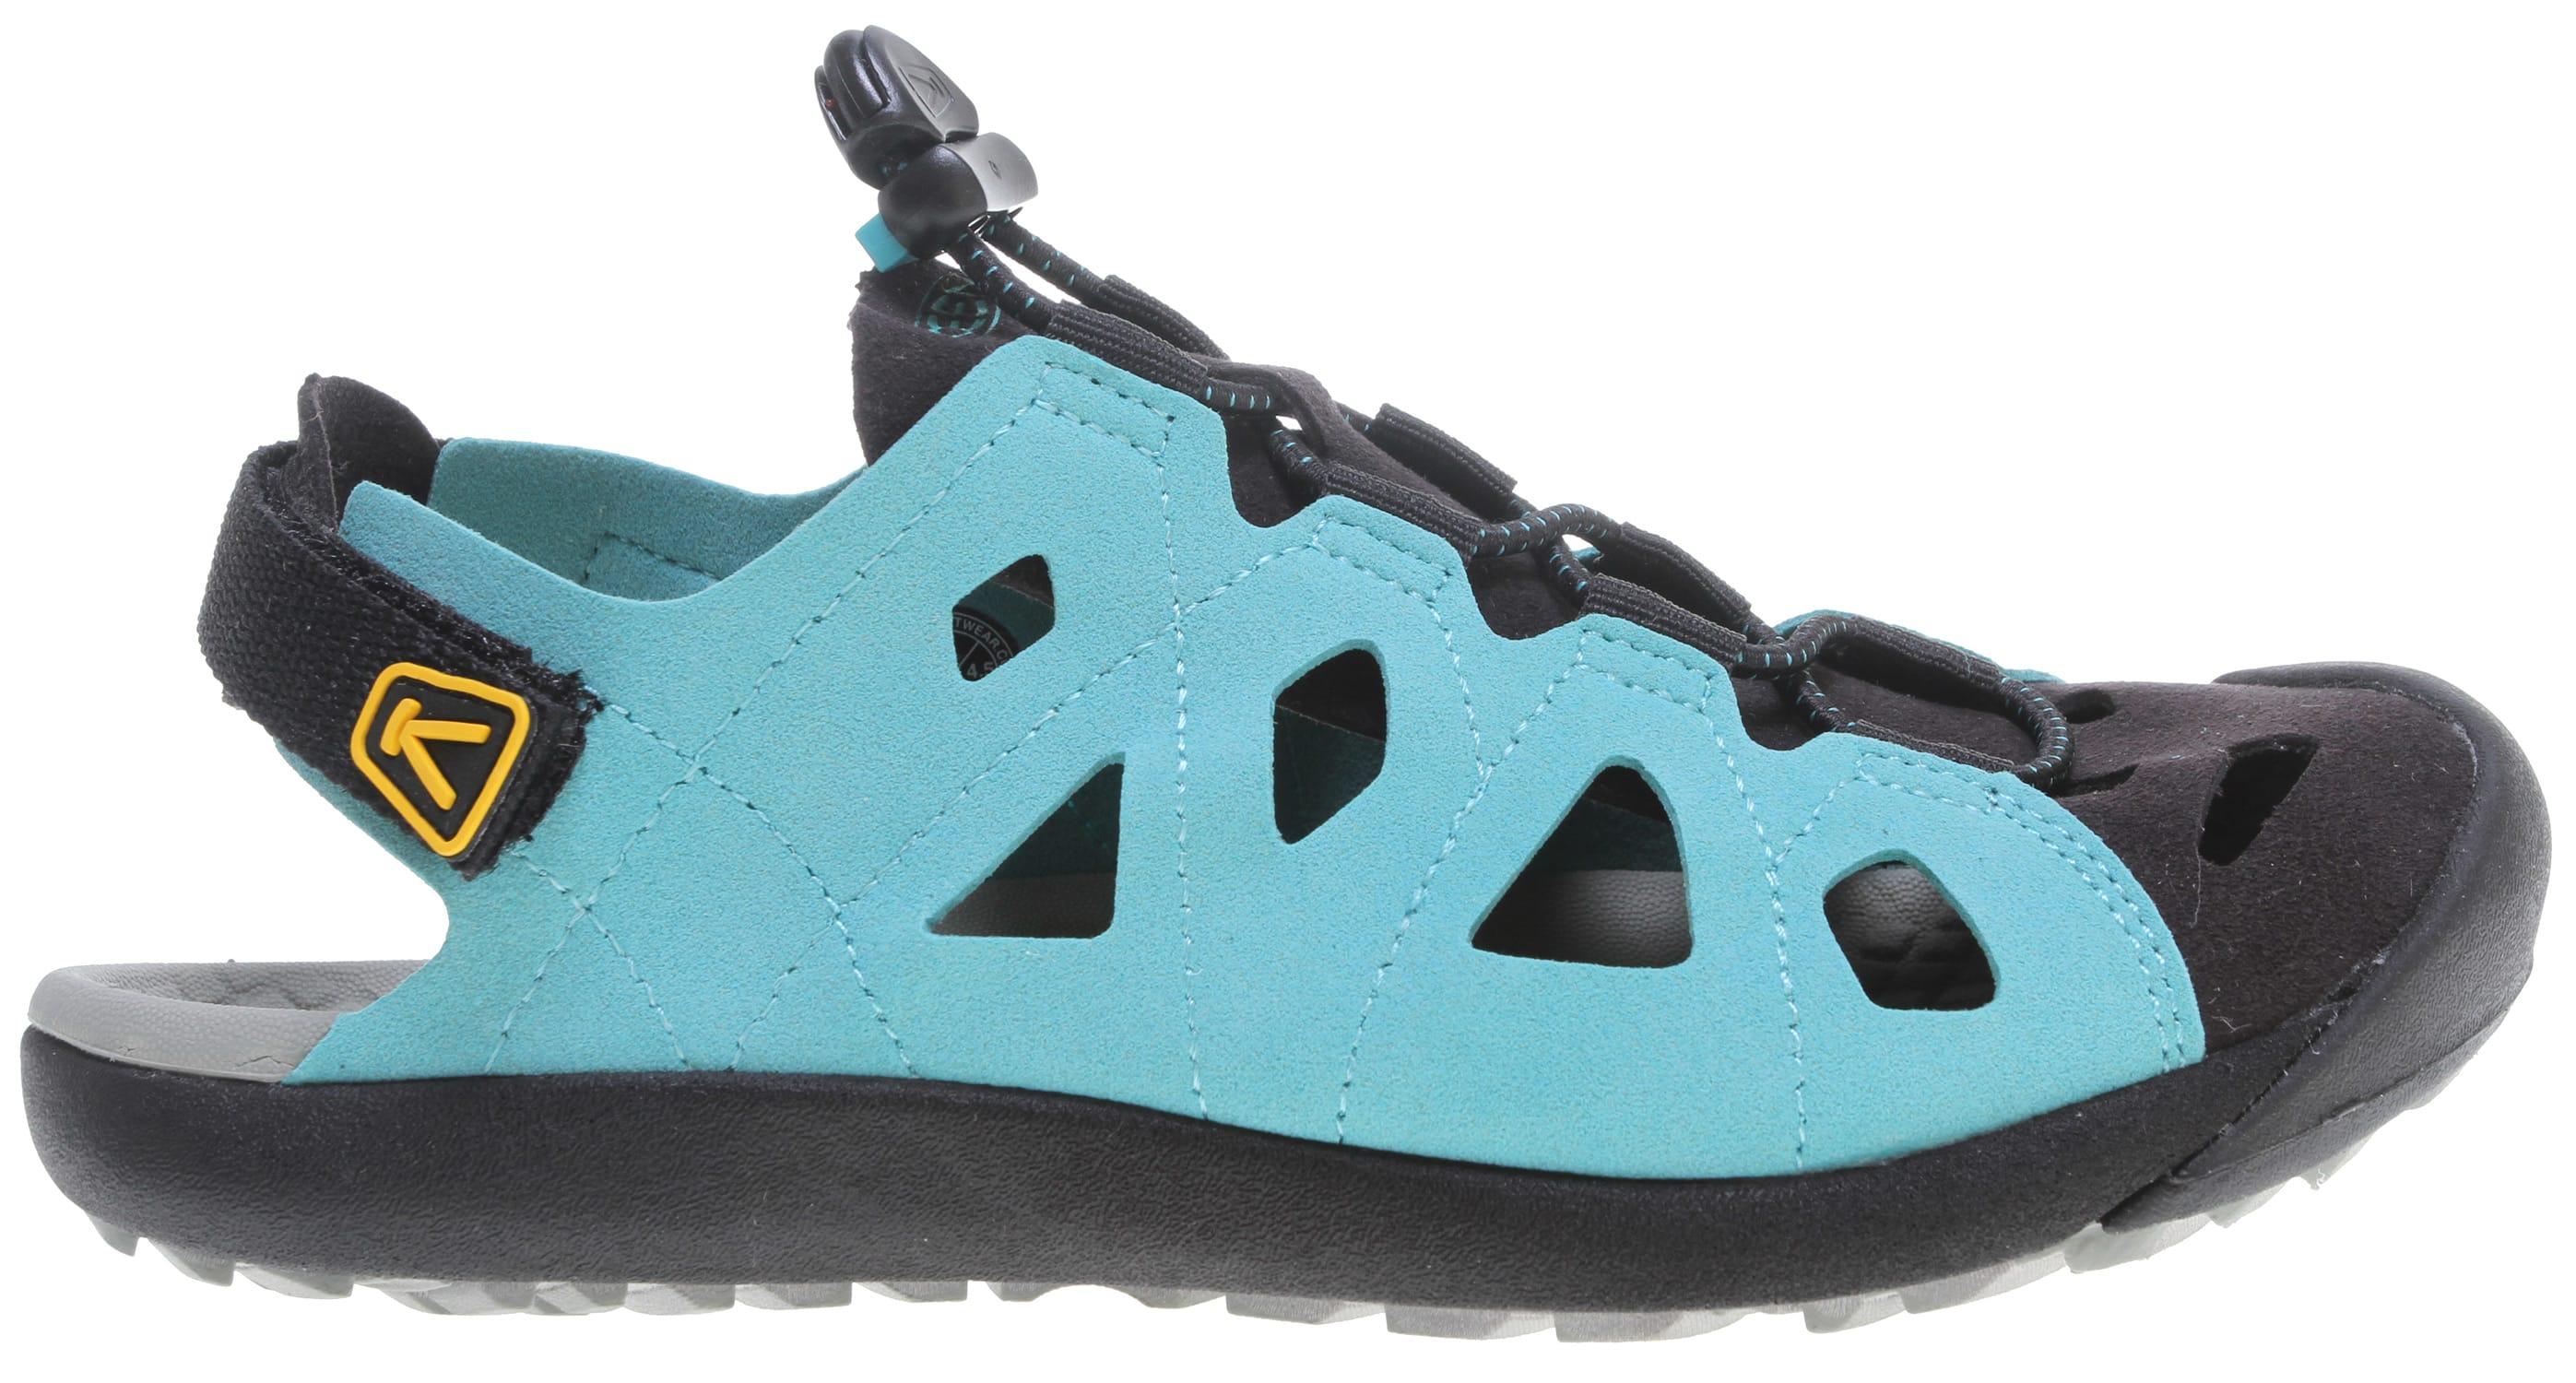 Womens Keen Sandals | eBay